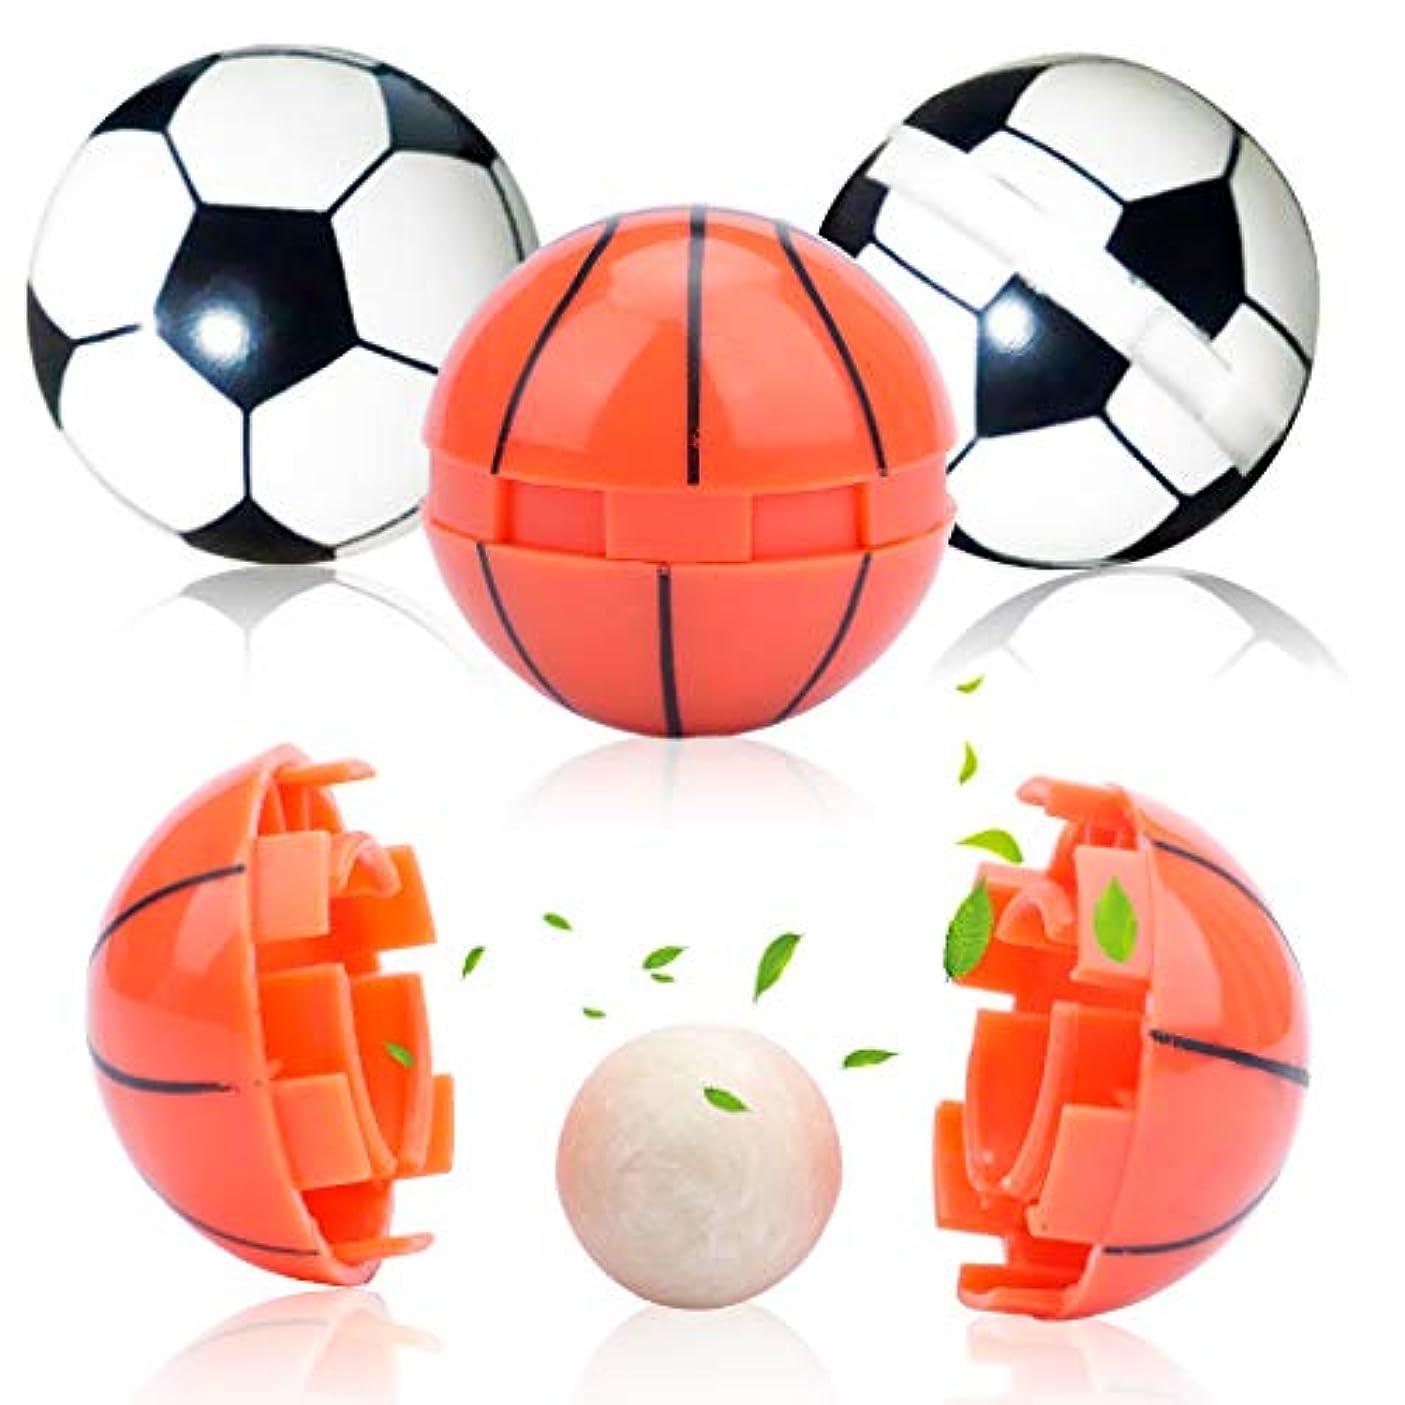 スリーブミットセントAmycute アロマ アロマボール 香り玉 4点セット (18mm)750g 丸型 サッカー&バスケットボールデザイン 香りが長続き